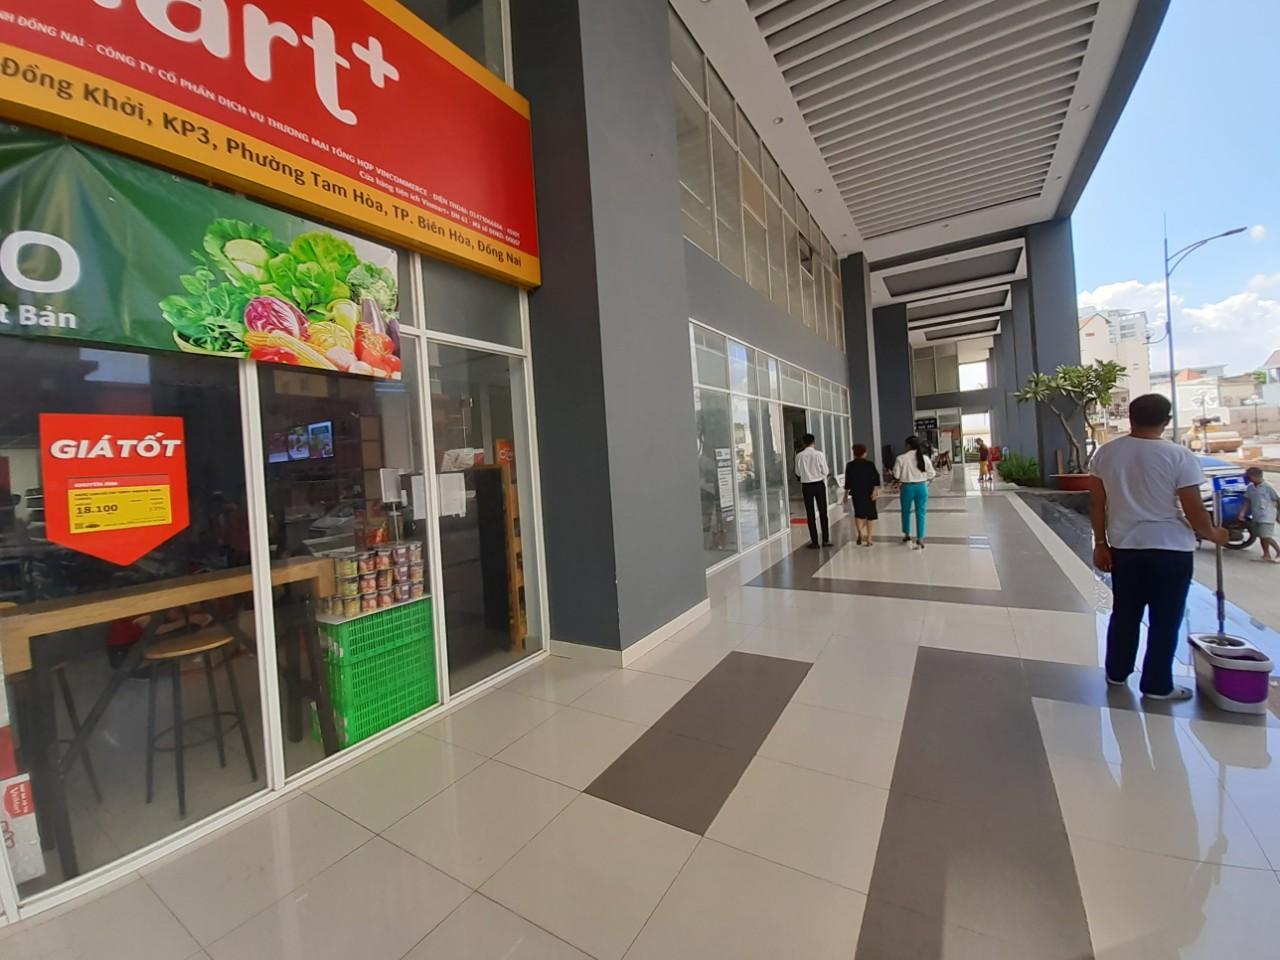 Bán Shophouse tầng tiện ích tại chung cư Sơn An Biên hòa diện tích 41 m2 giá 1,144 tỷ